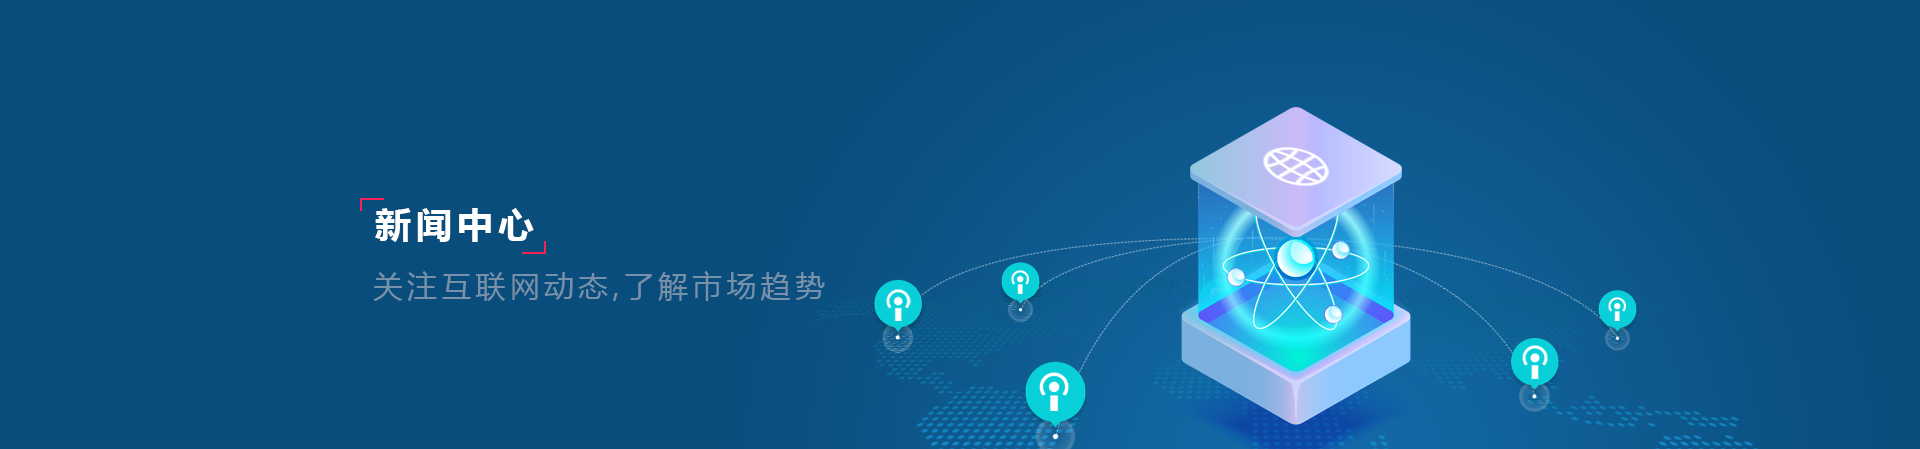 鱼竹科技互联网品牌营销、小程序建设新闻